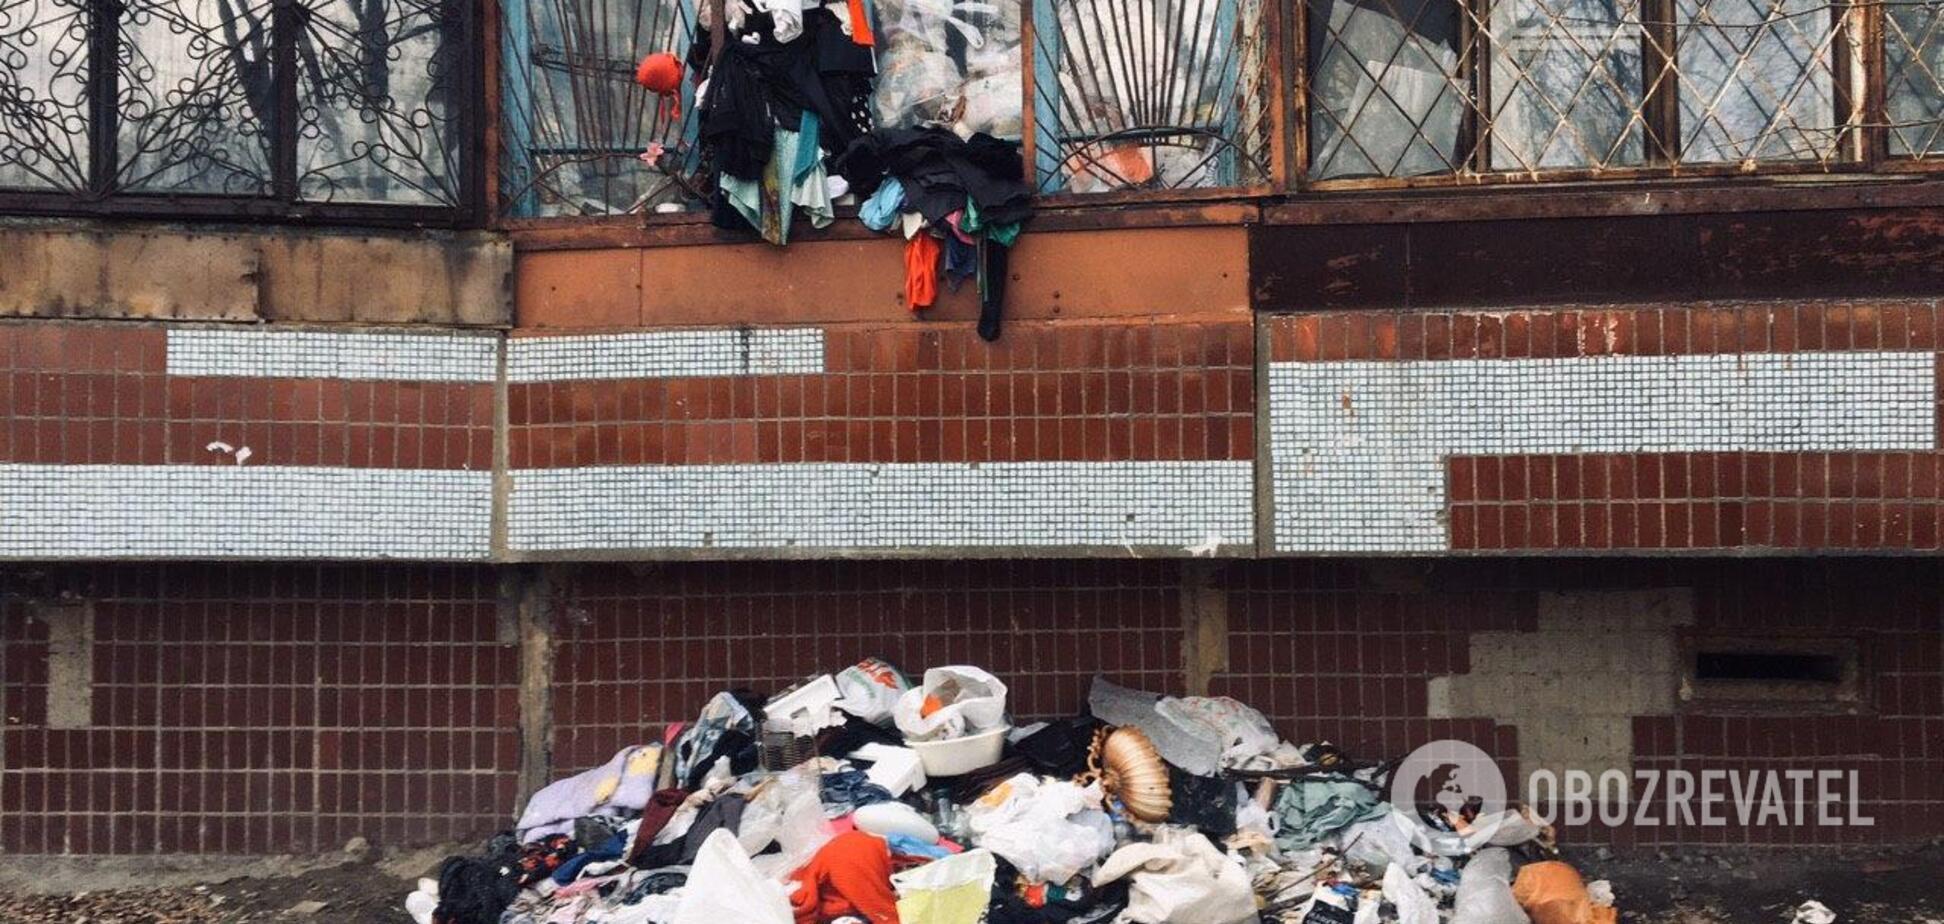 'Мусор вываливается из всех щелей': в Днепре женщина устроила свалку на балконе